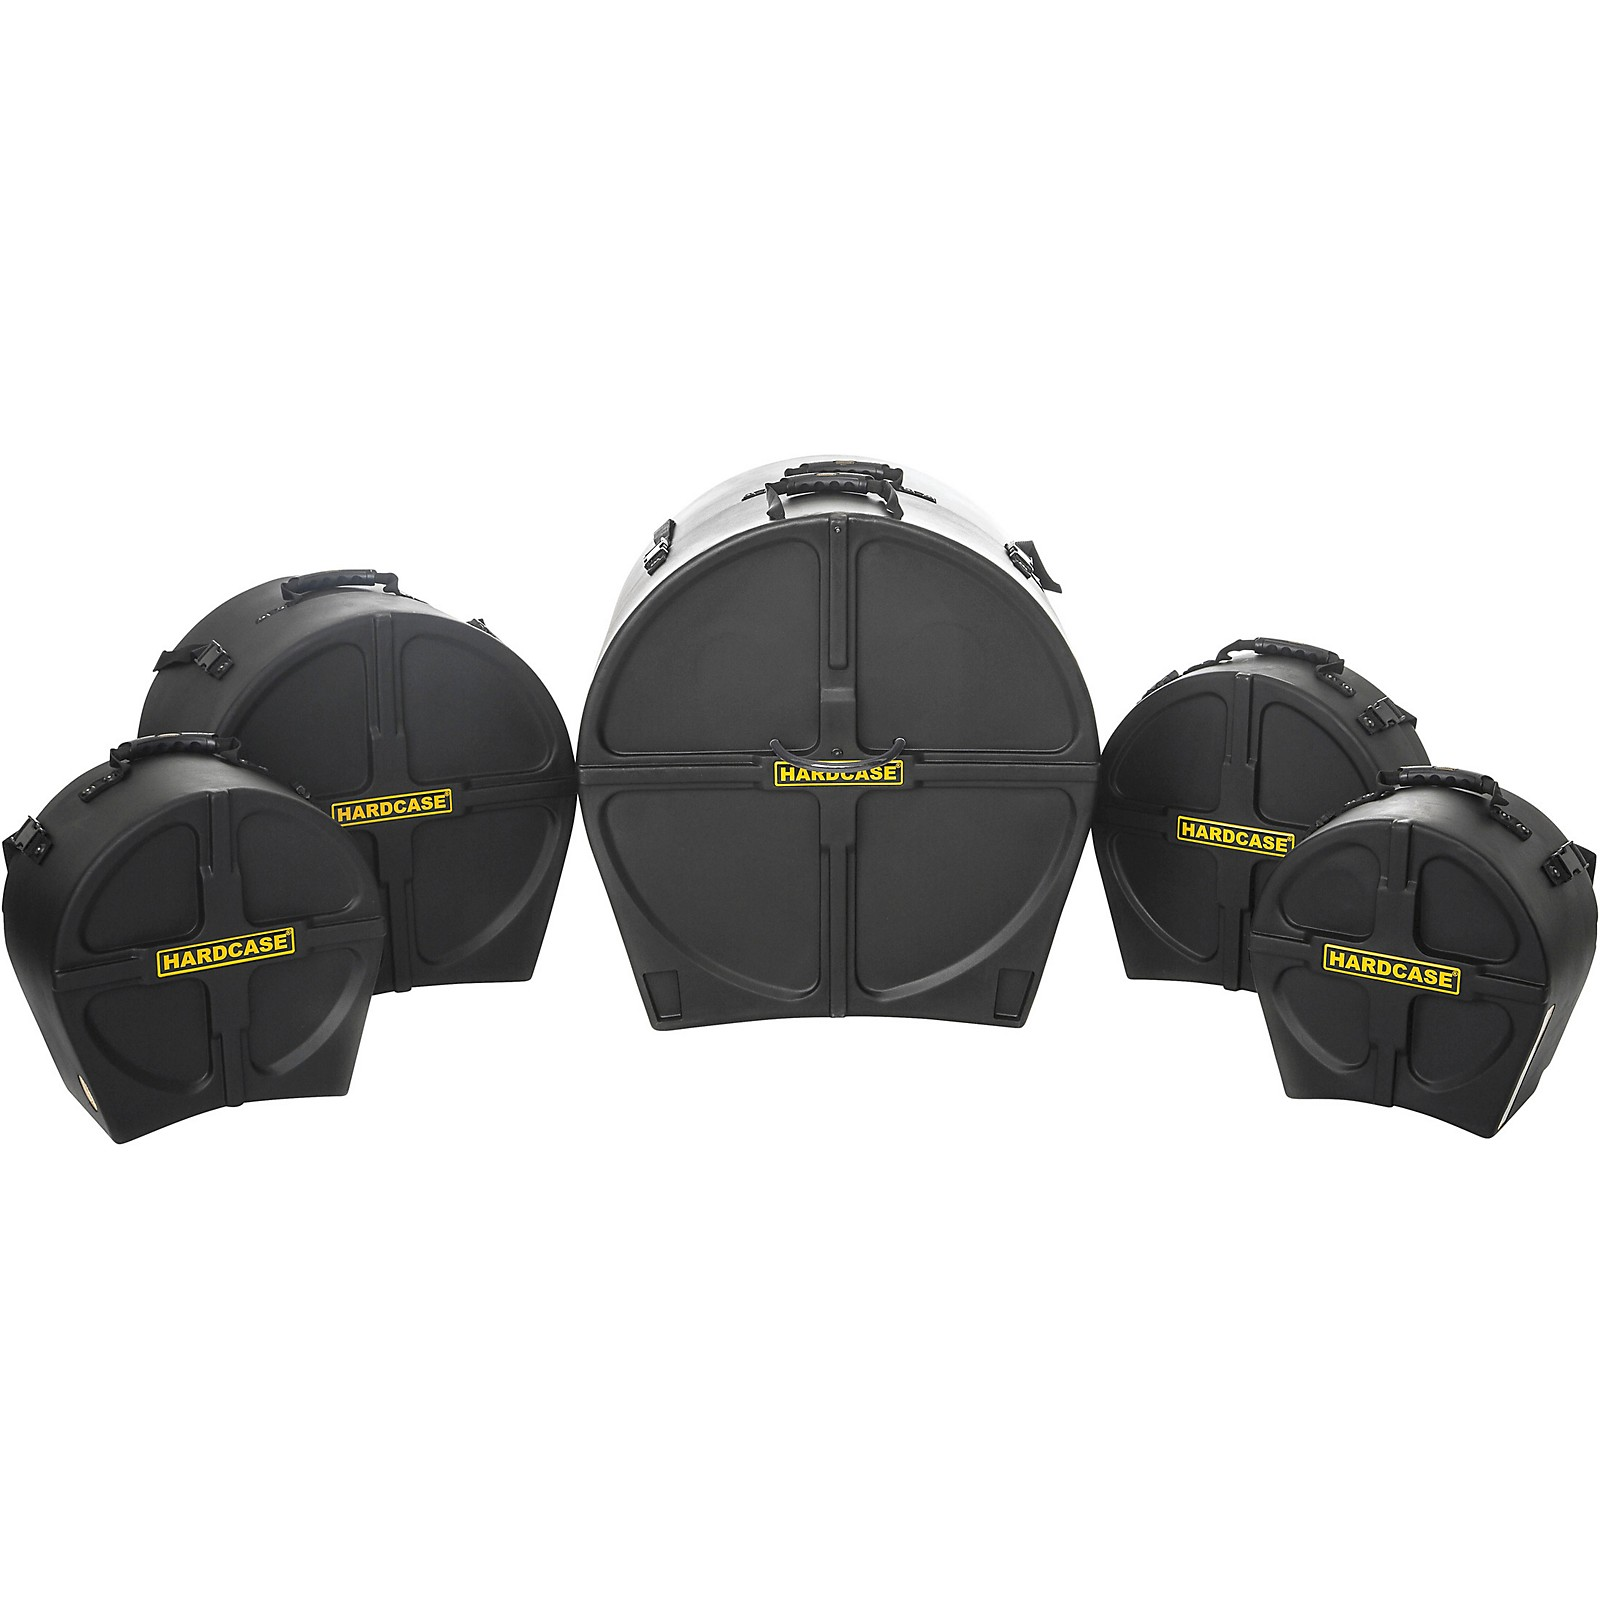 HARDCASE RockFusion3 5-Piece Drum Case Set